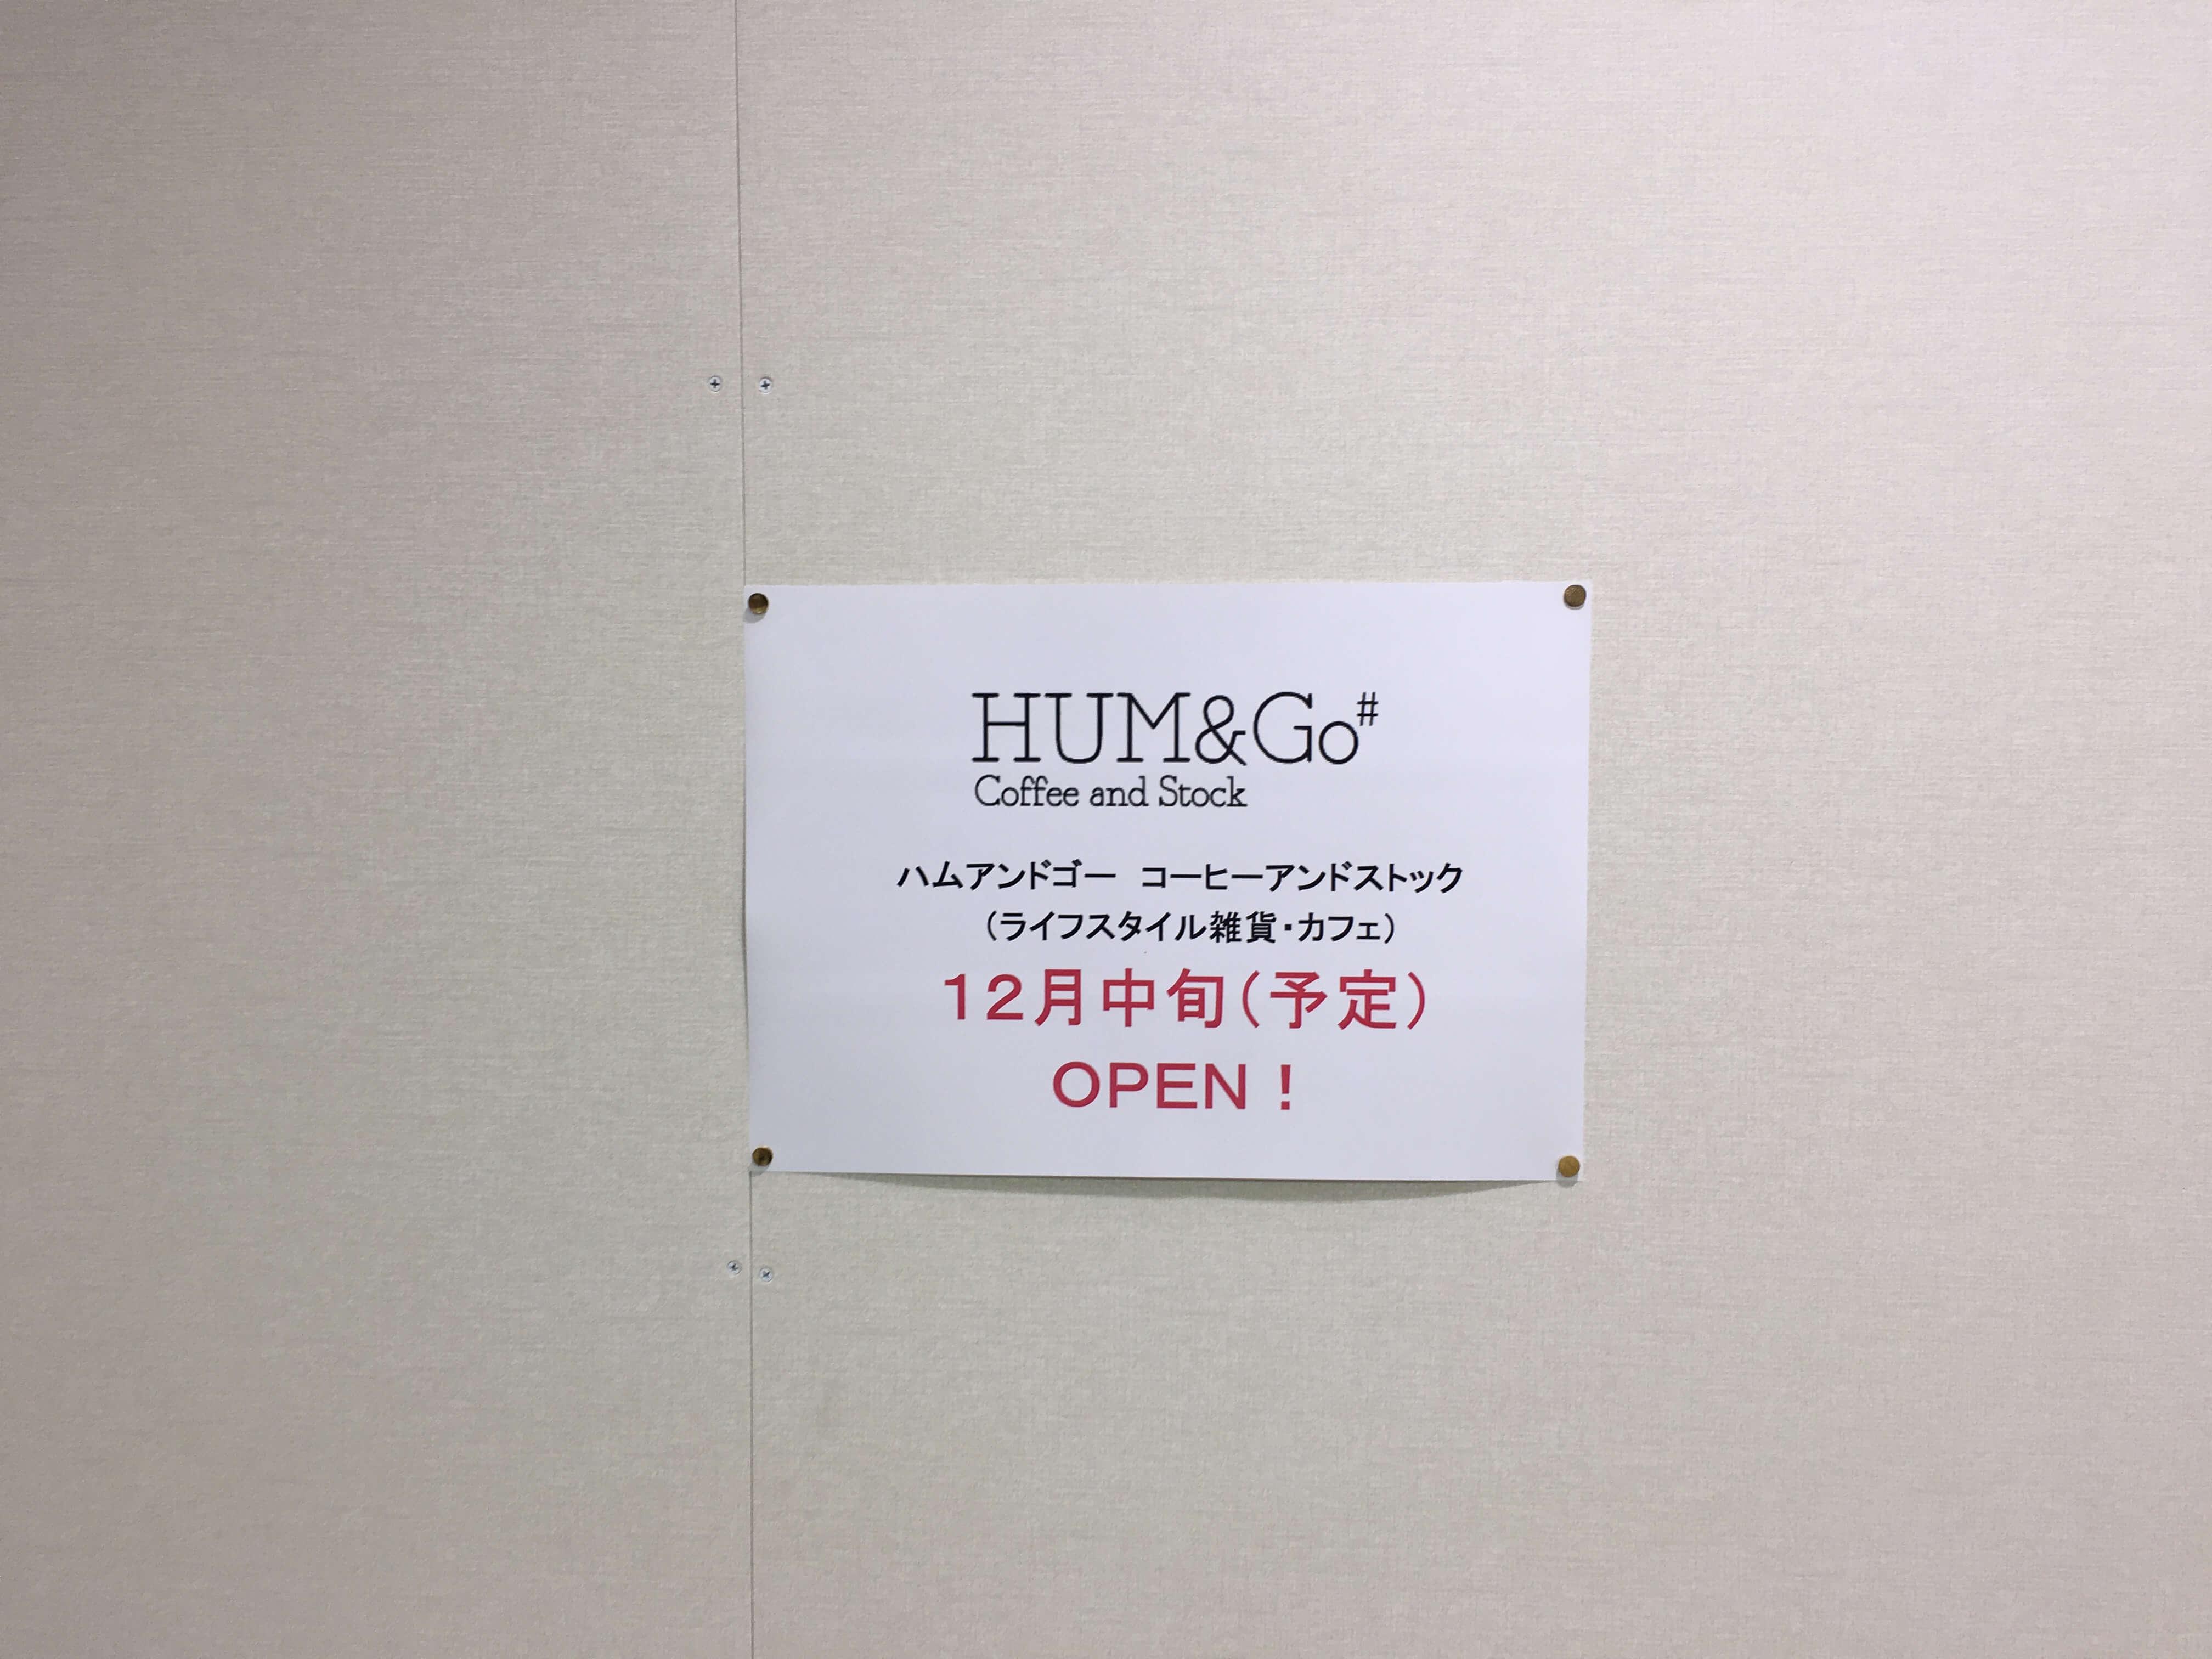 【開店】プラザ 金沢 香林坊アトリオ店跡地に『HUM&GO#』が12月中旬オープン予定!!